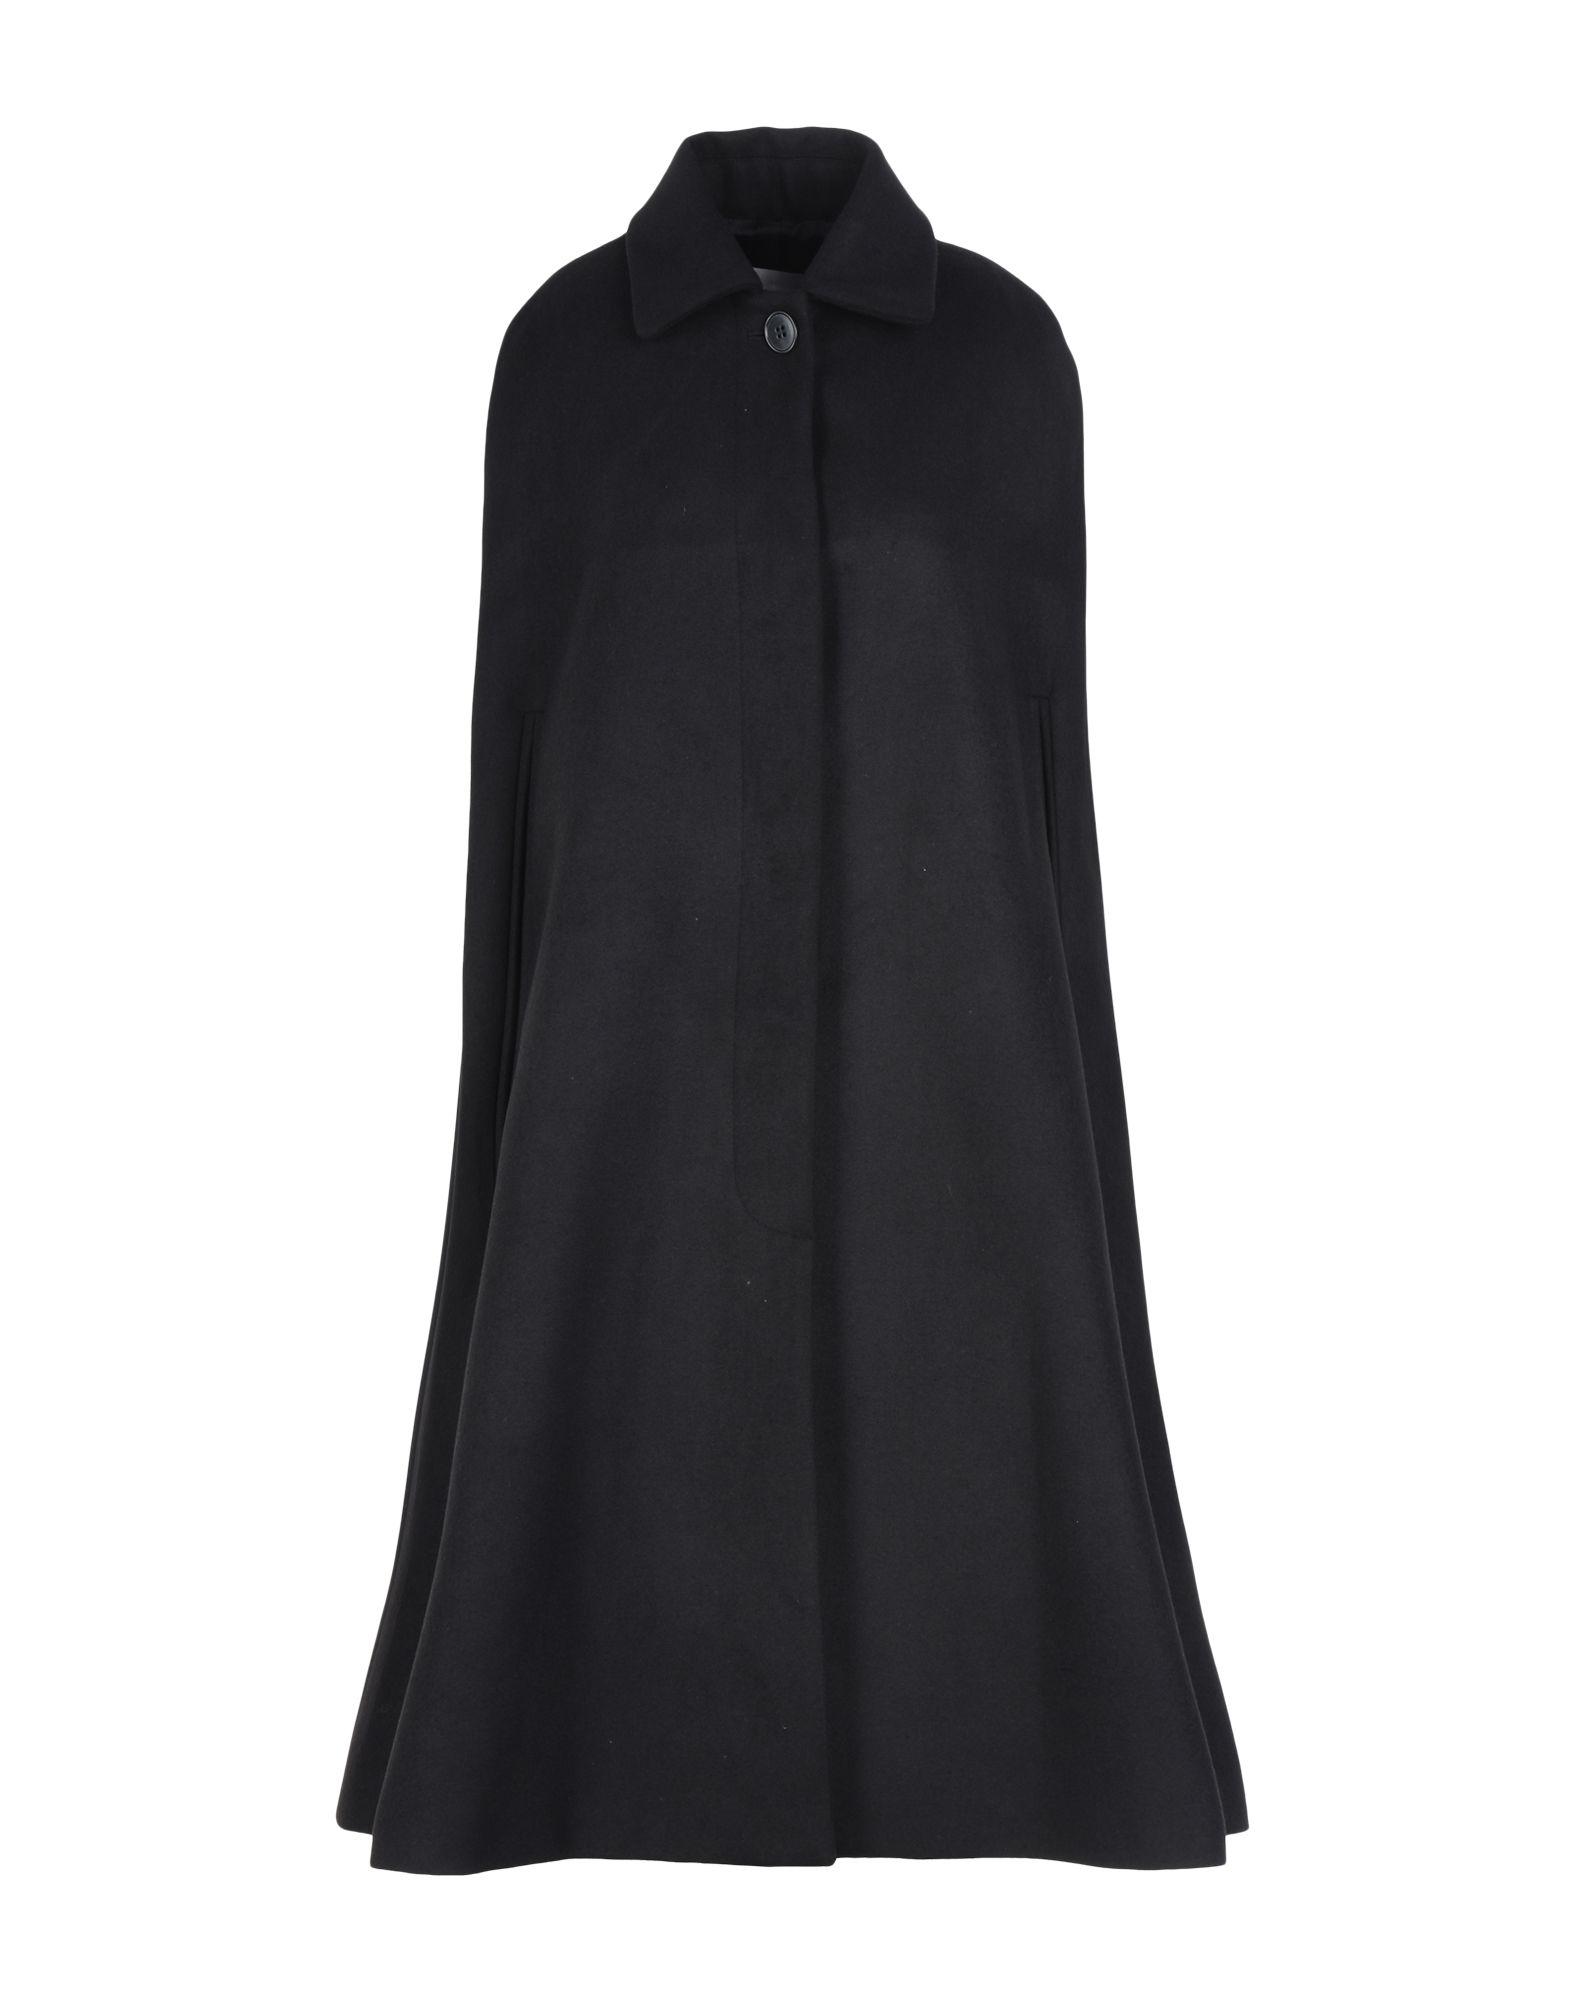 8 Damen Cape Farbe Schwarz Größe 6